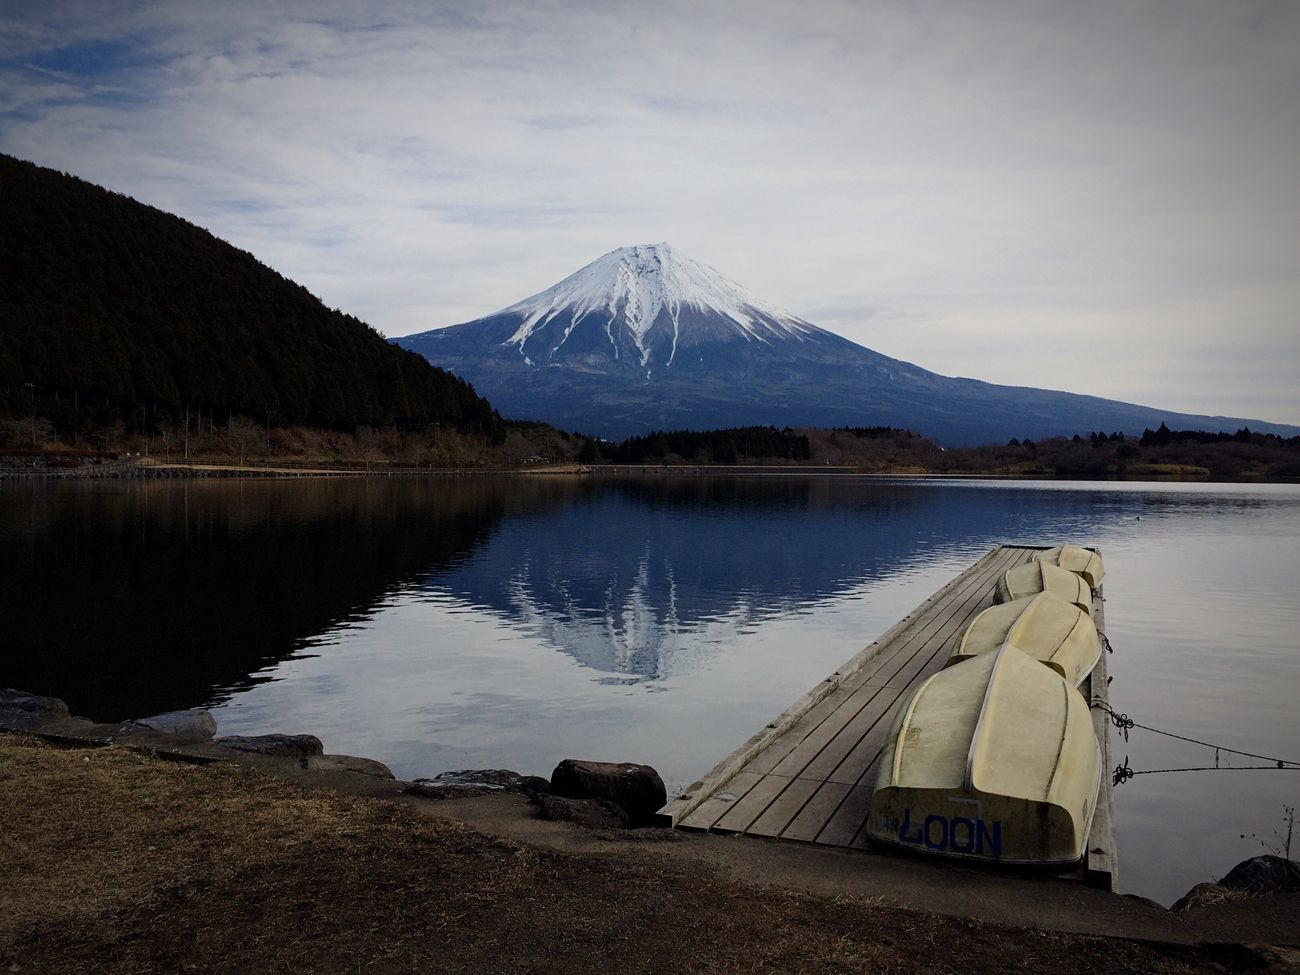 Blue Mt.Fuji